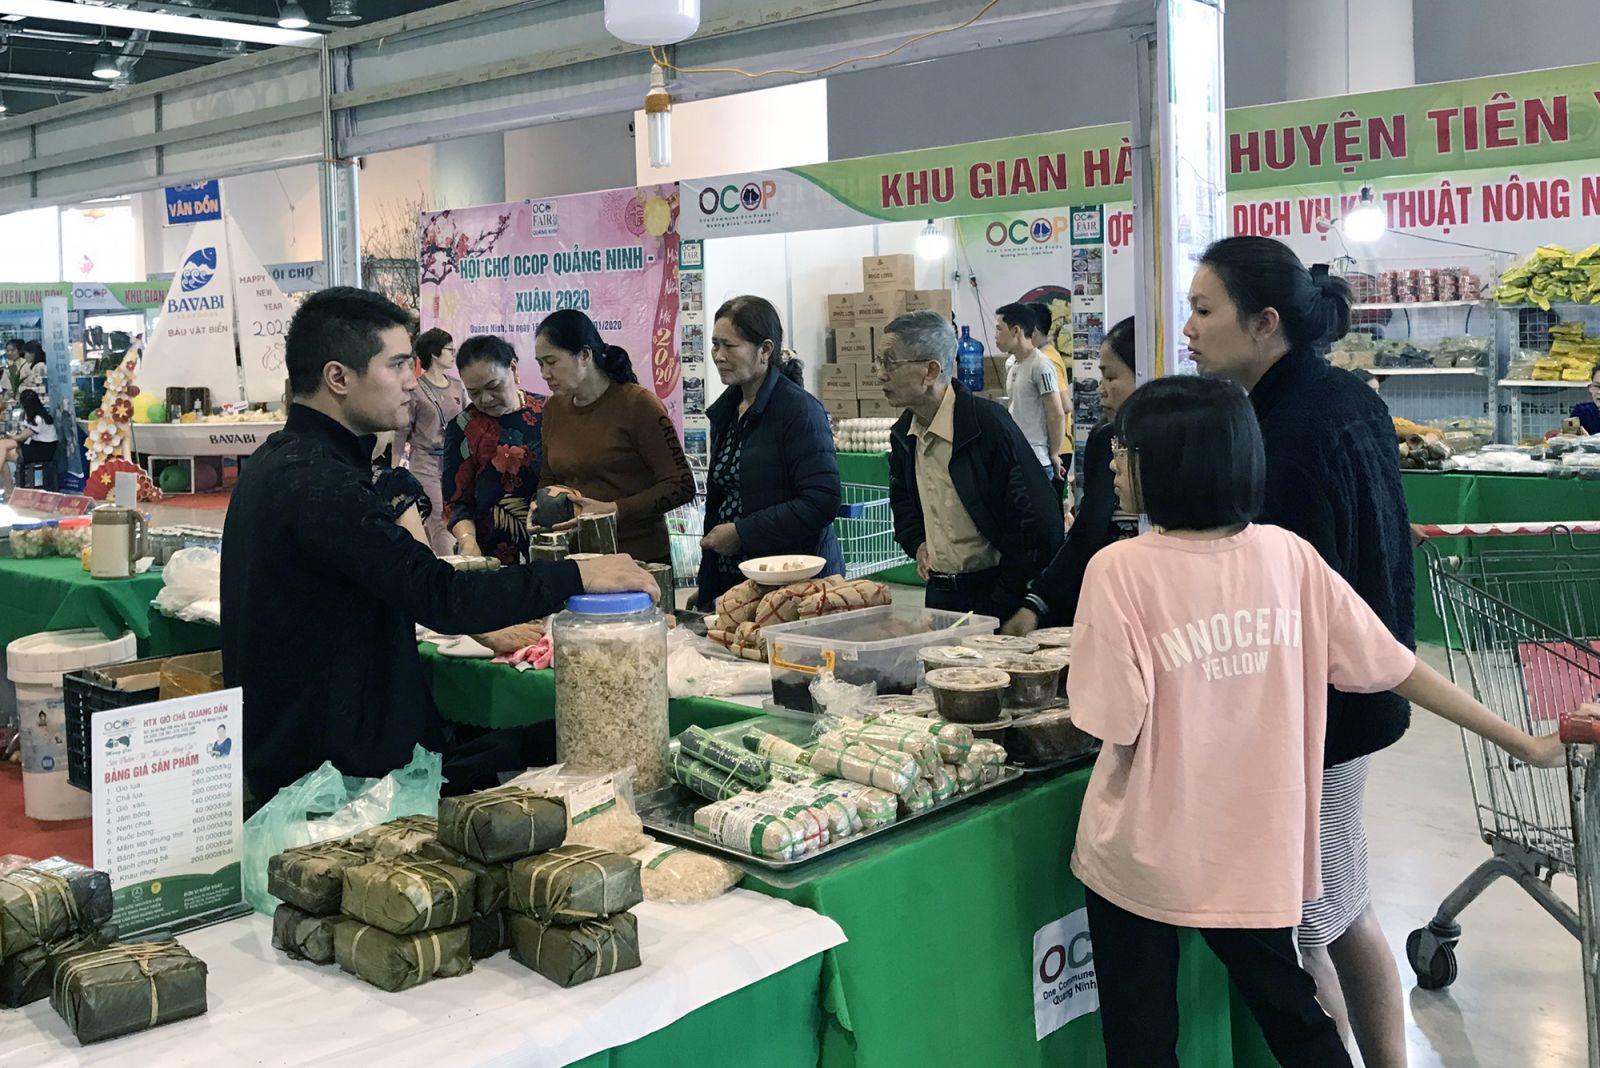 Hội chợ OCOP Quảng Ninh luôn thu hút đông đảo khách tham quan và mua sắm.